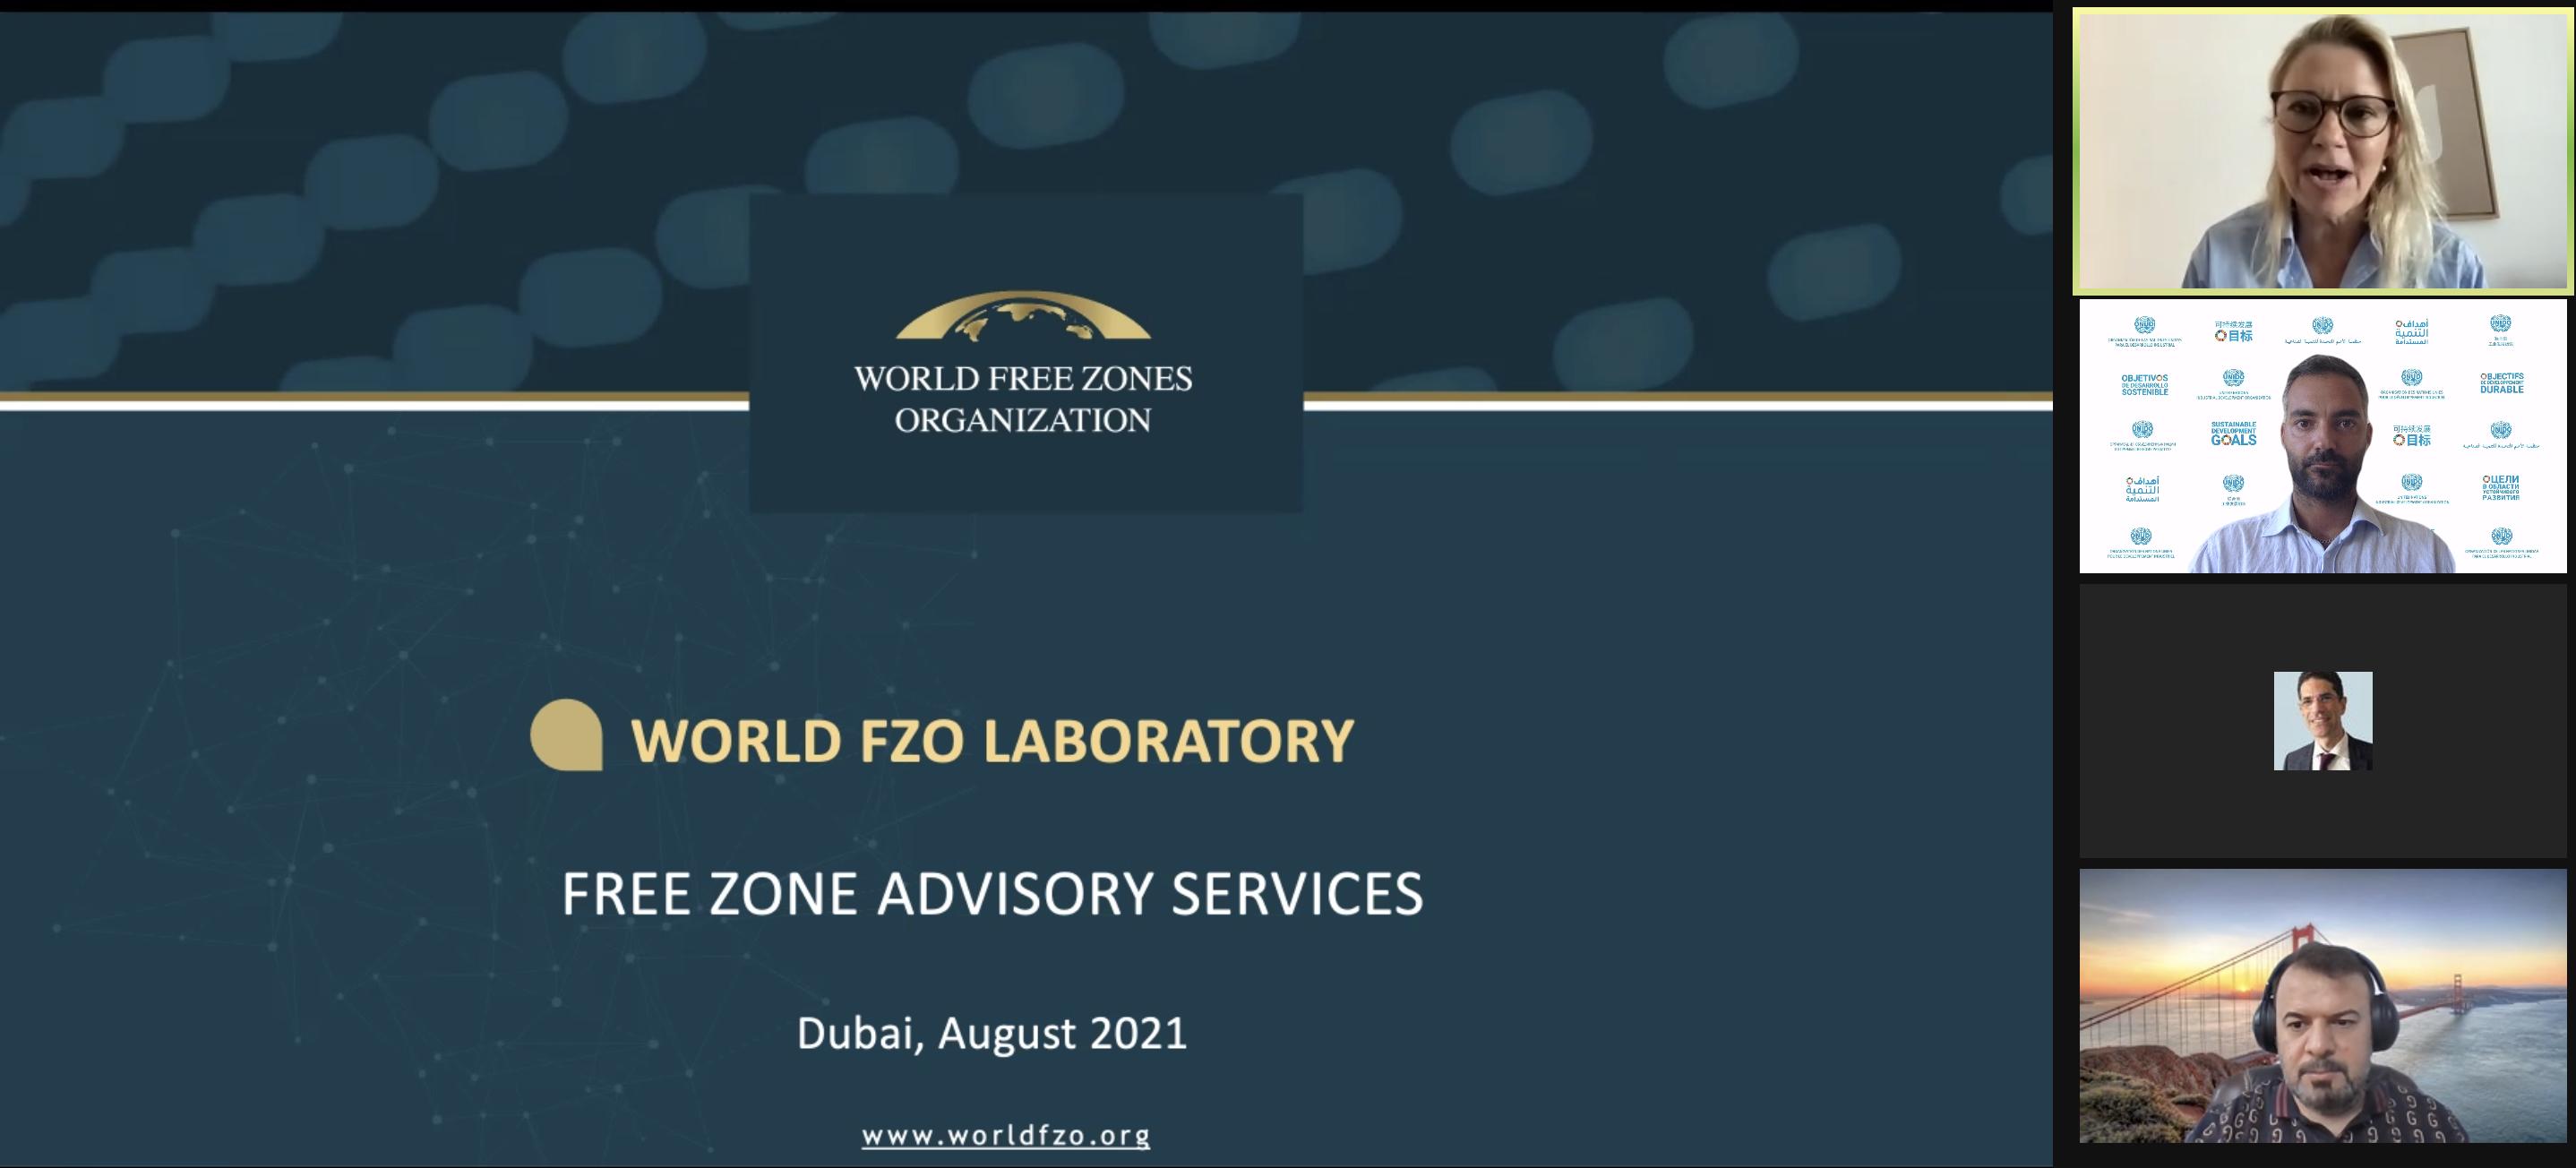 Presentazione del progetto IPI alla World Free Zones Organization (World FZO)